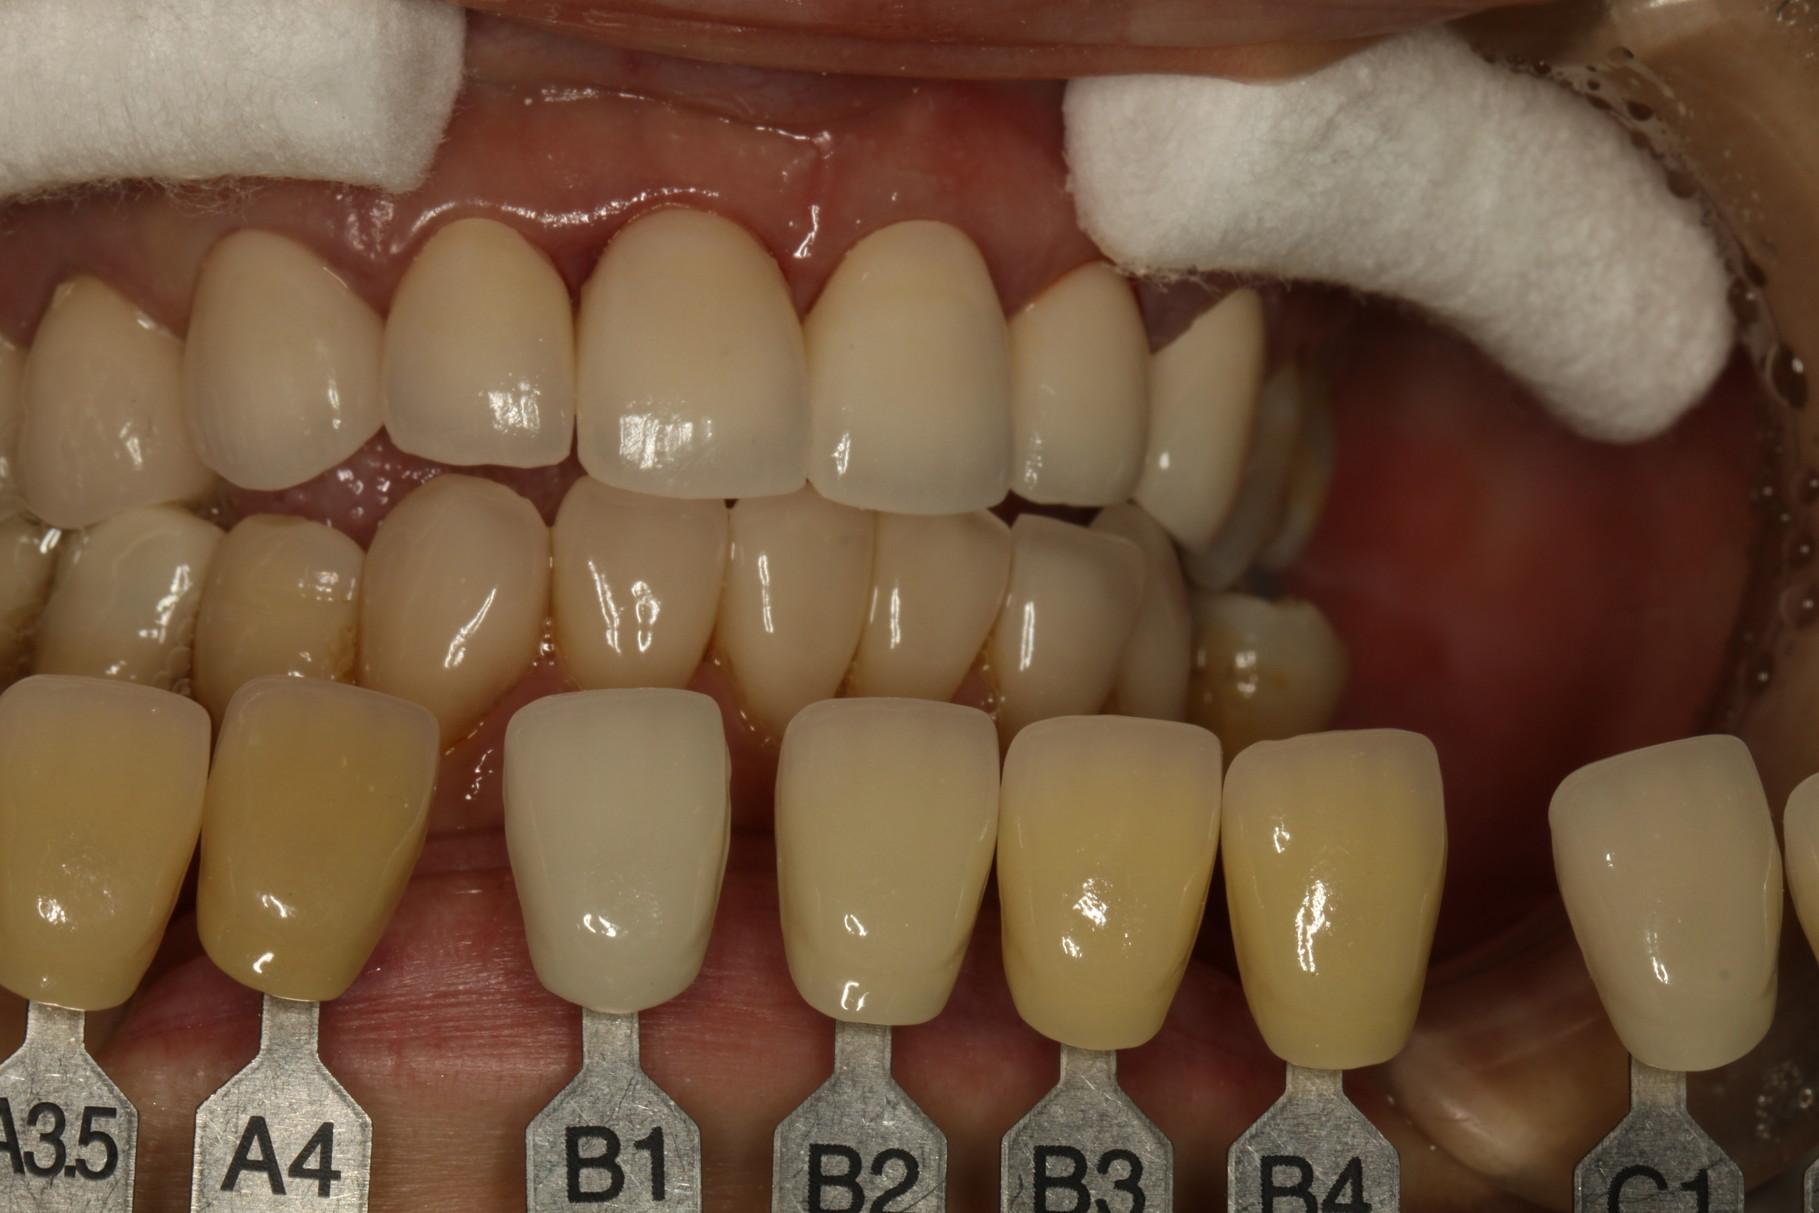 差し歯の色合いを確認します。色のサンプルから希望に近いものを選びます。